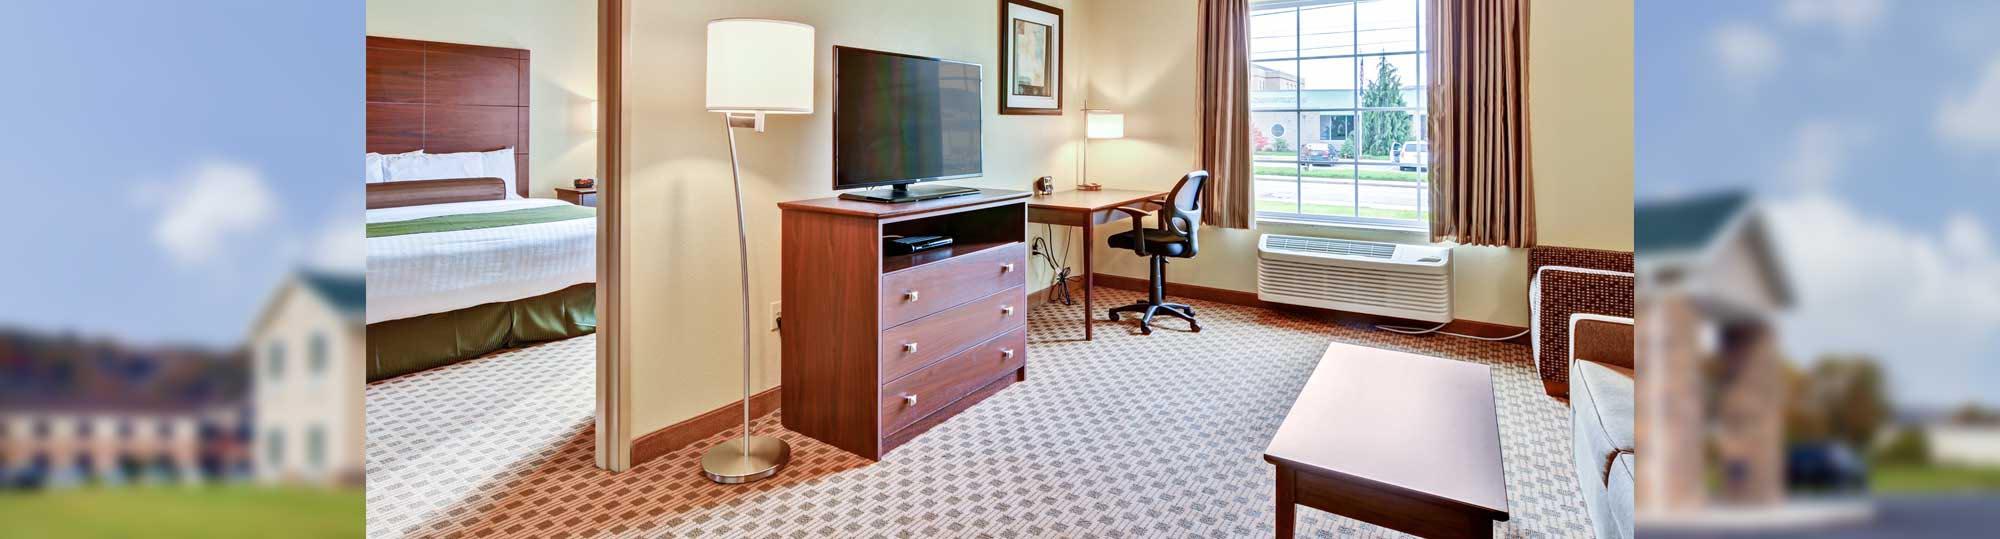 Cobblestone Inn & Suites Ambridge